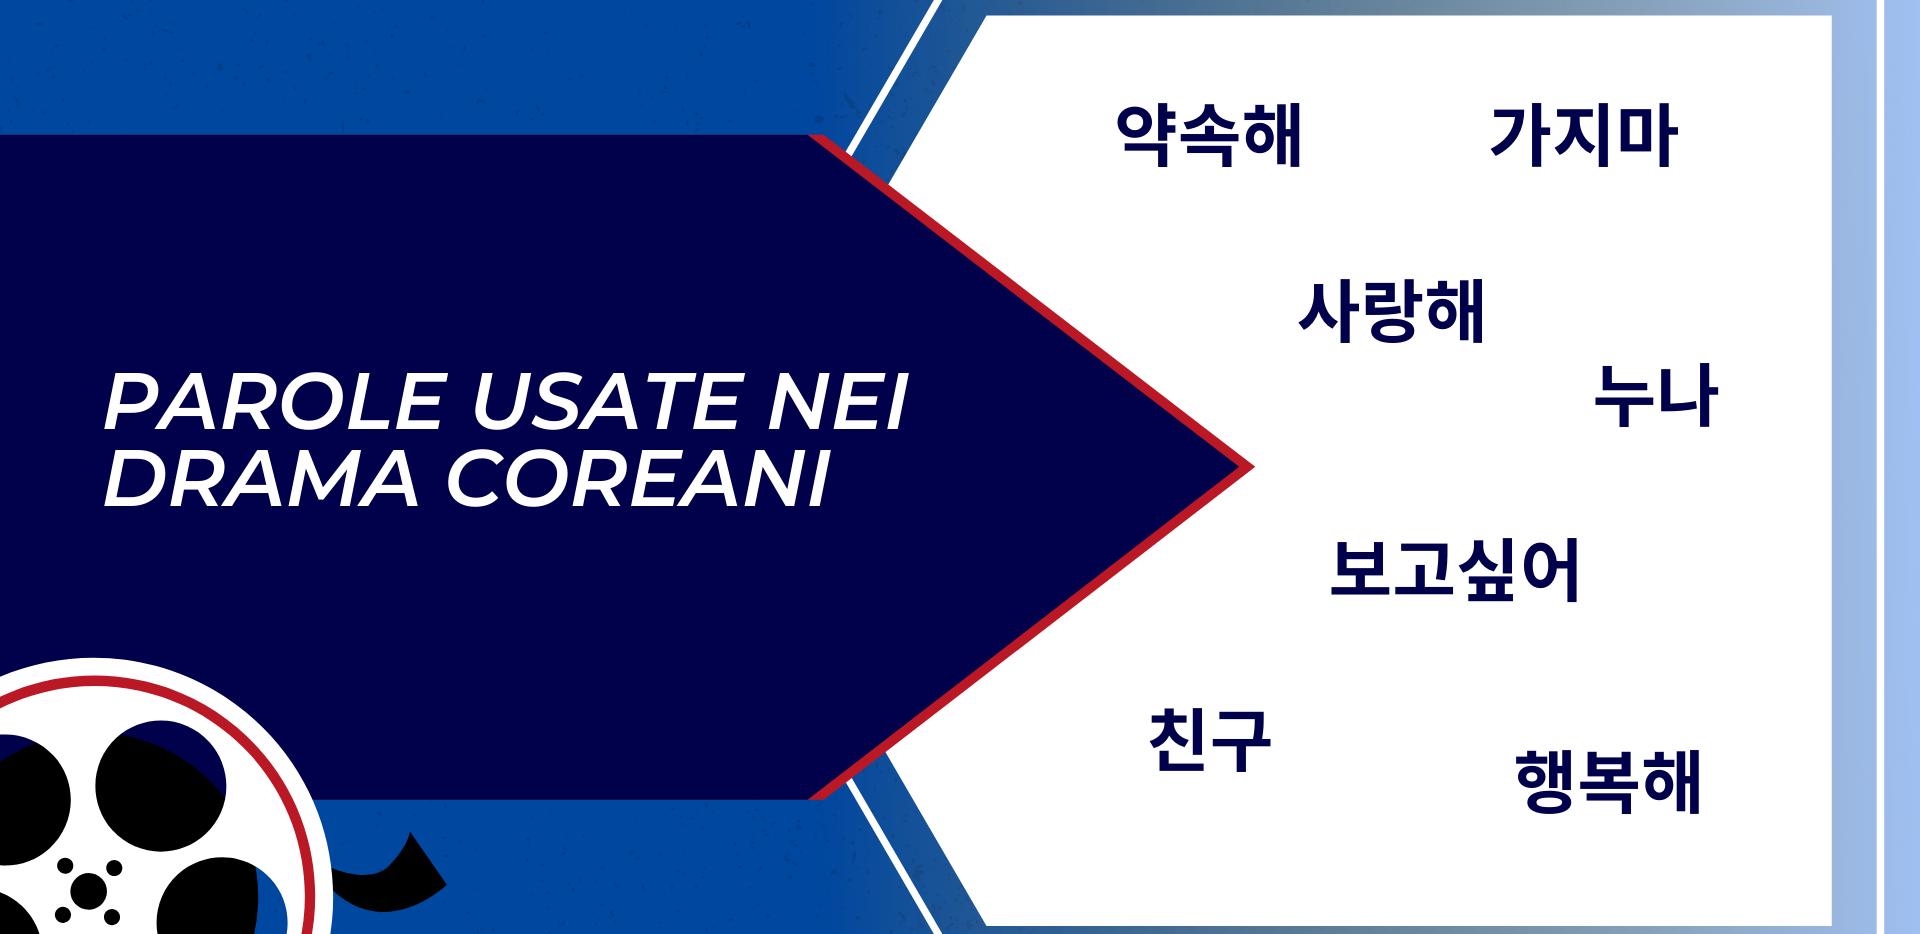 Parole coreane dei drama